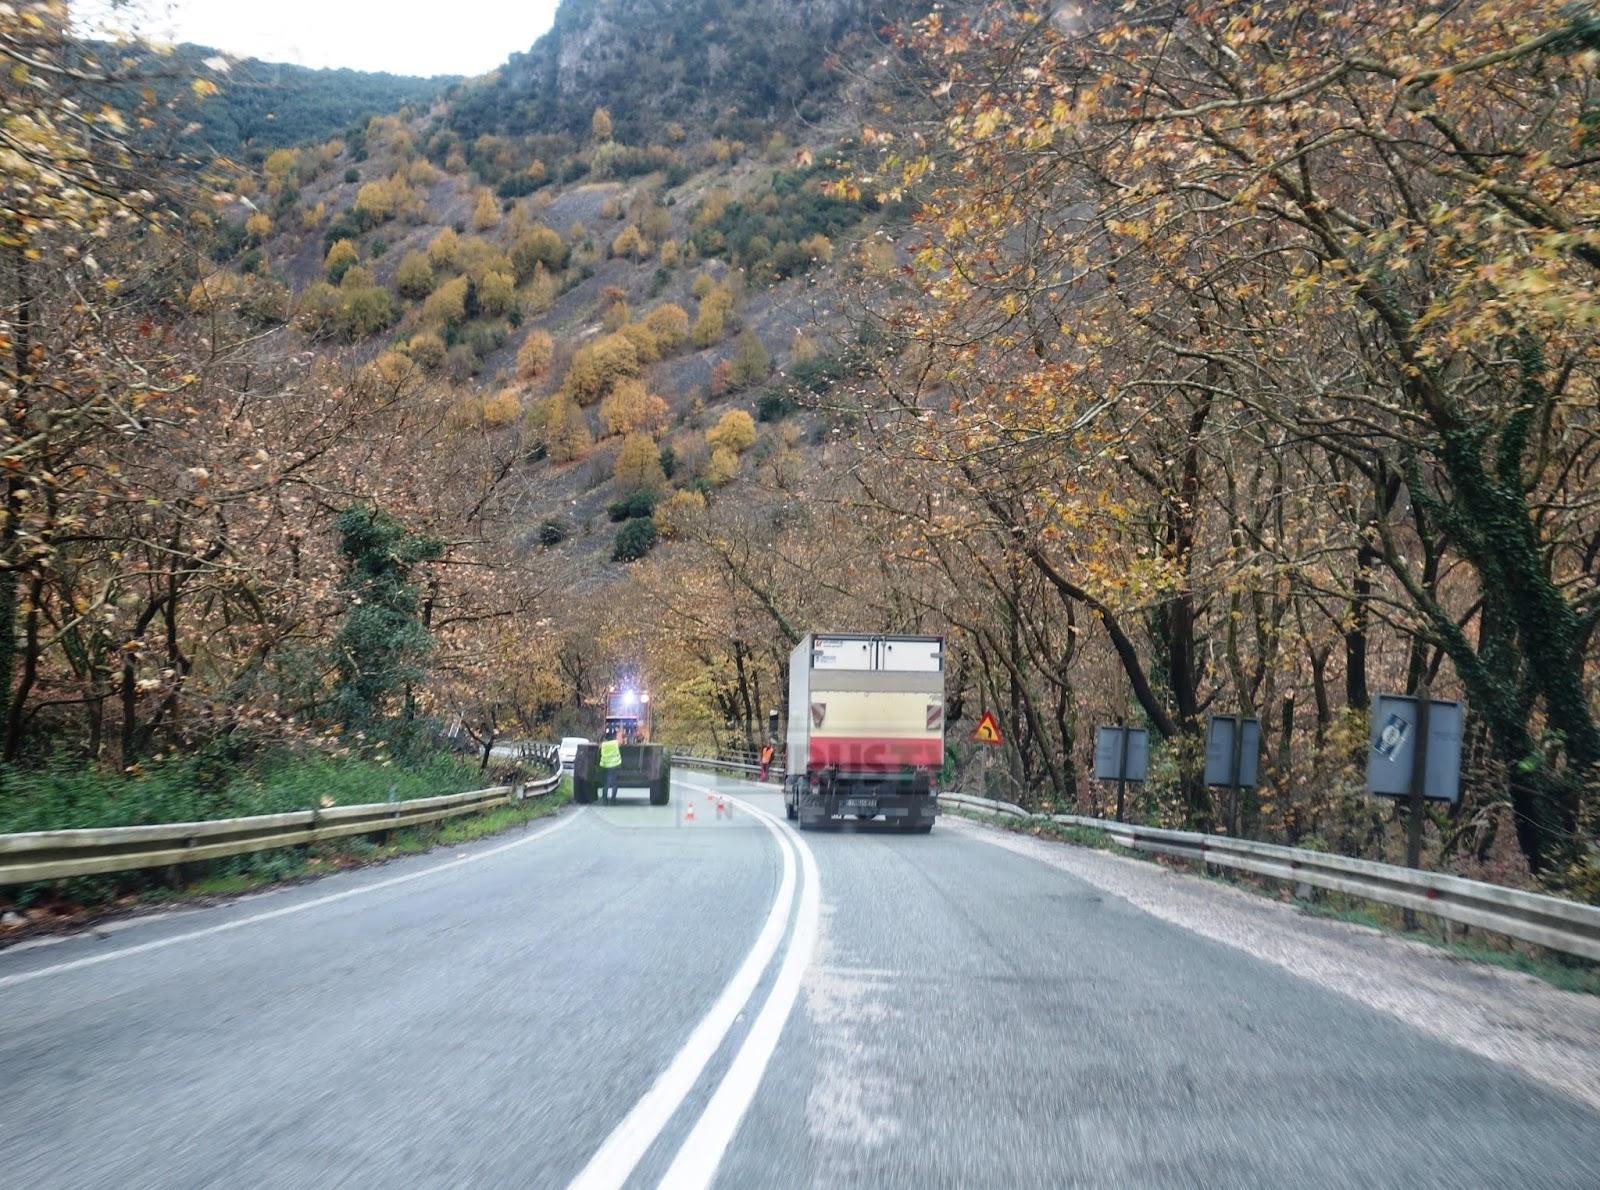 Ιωάννινα:Πτώσεις δέντρων στην παλιά Ε.Ο Ιωαννίνων Αθηνών & λευκές εικόνες στα ορεινά !